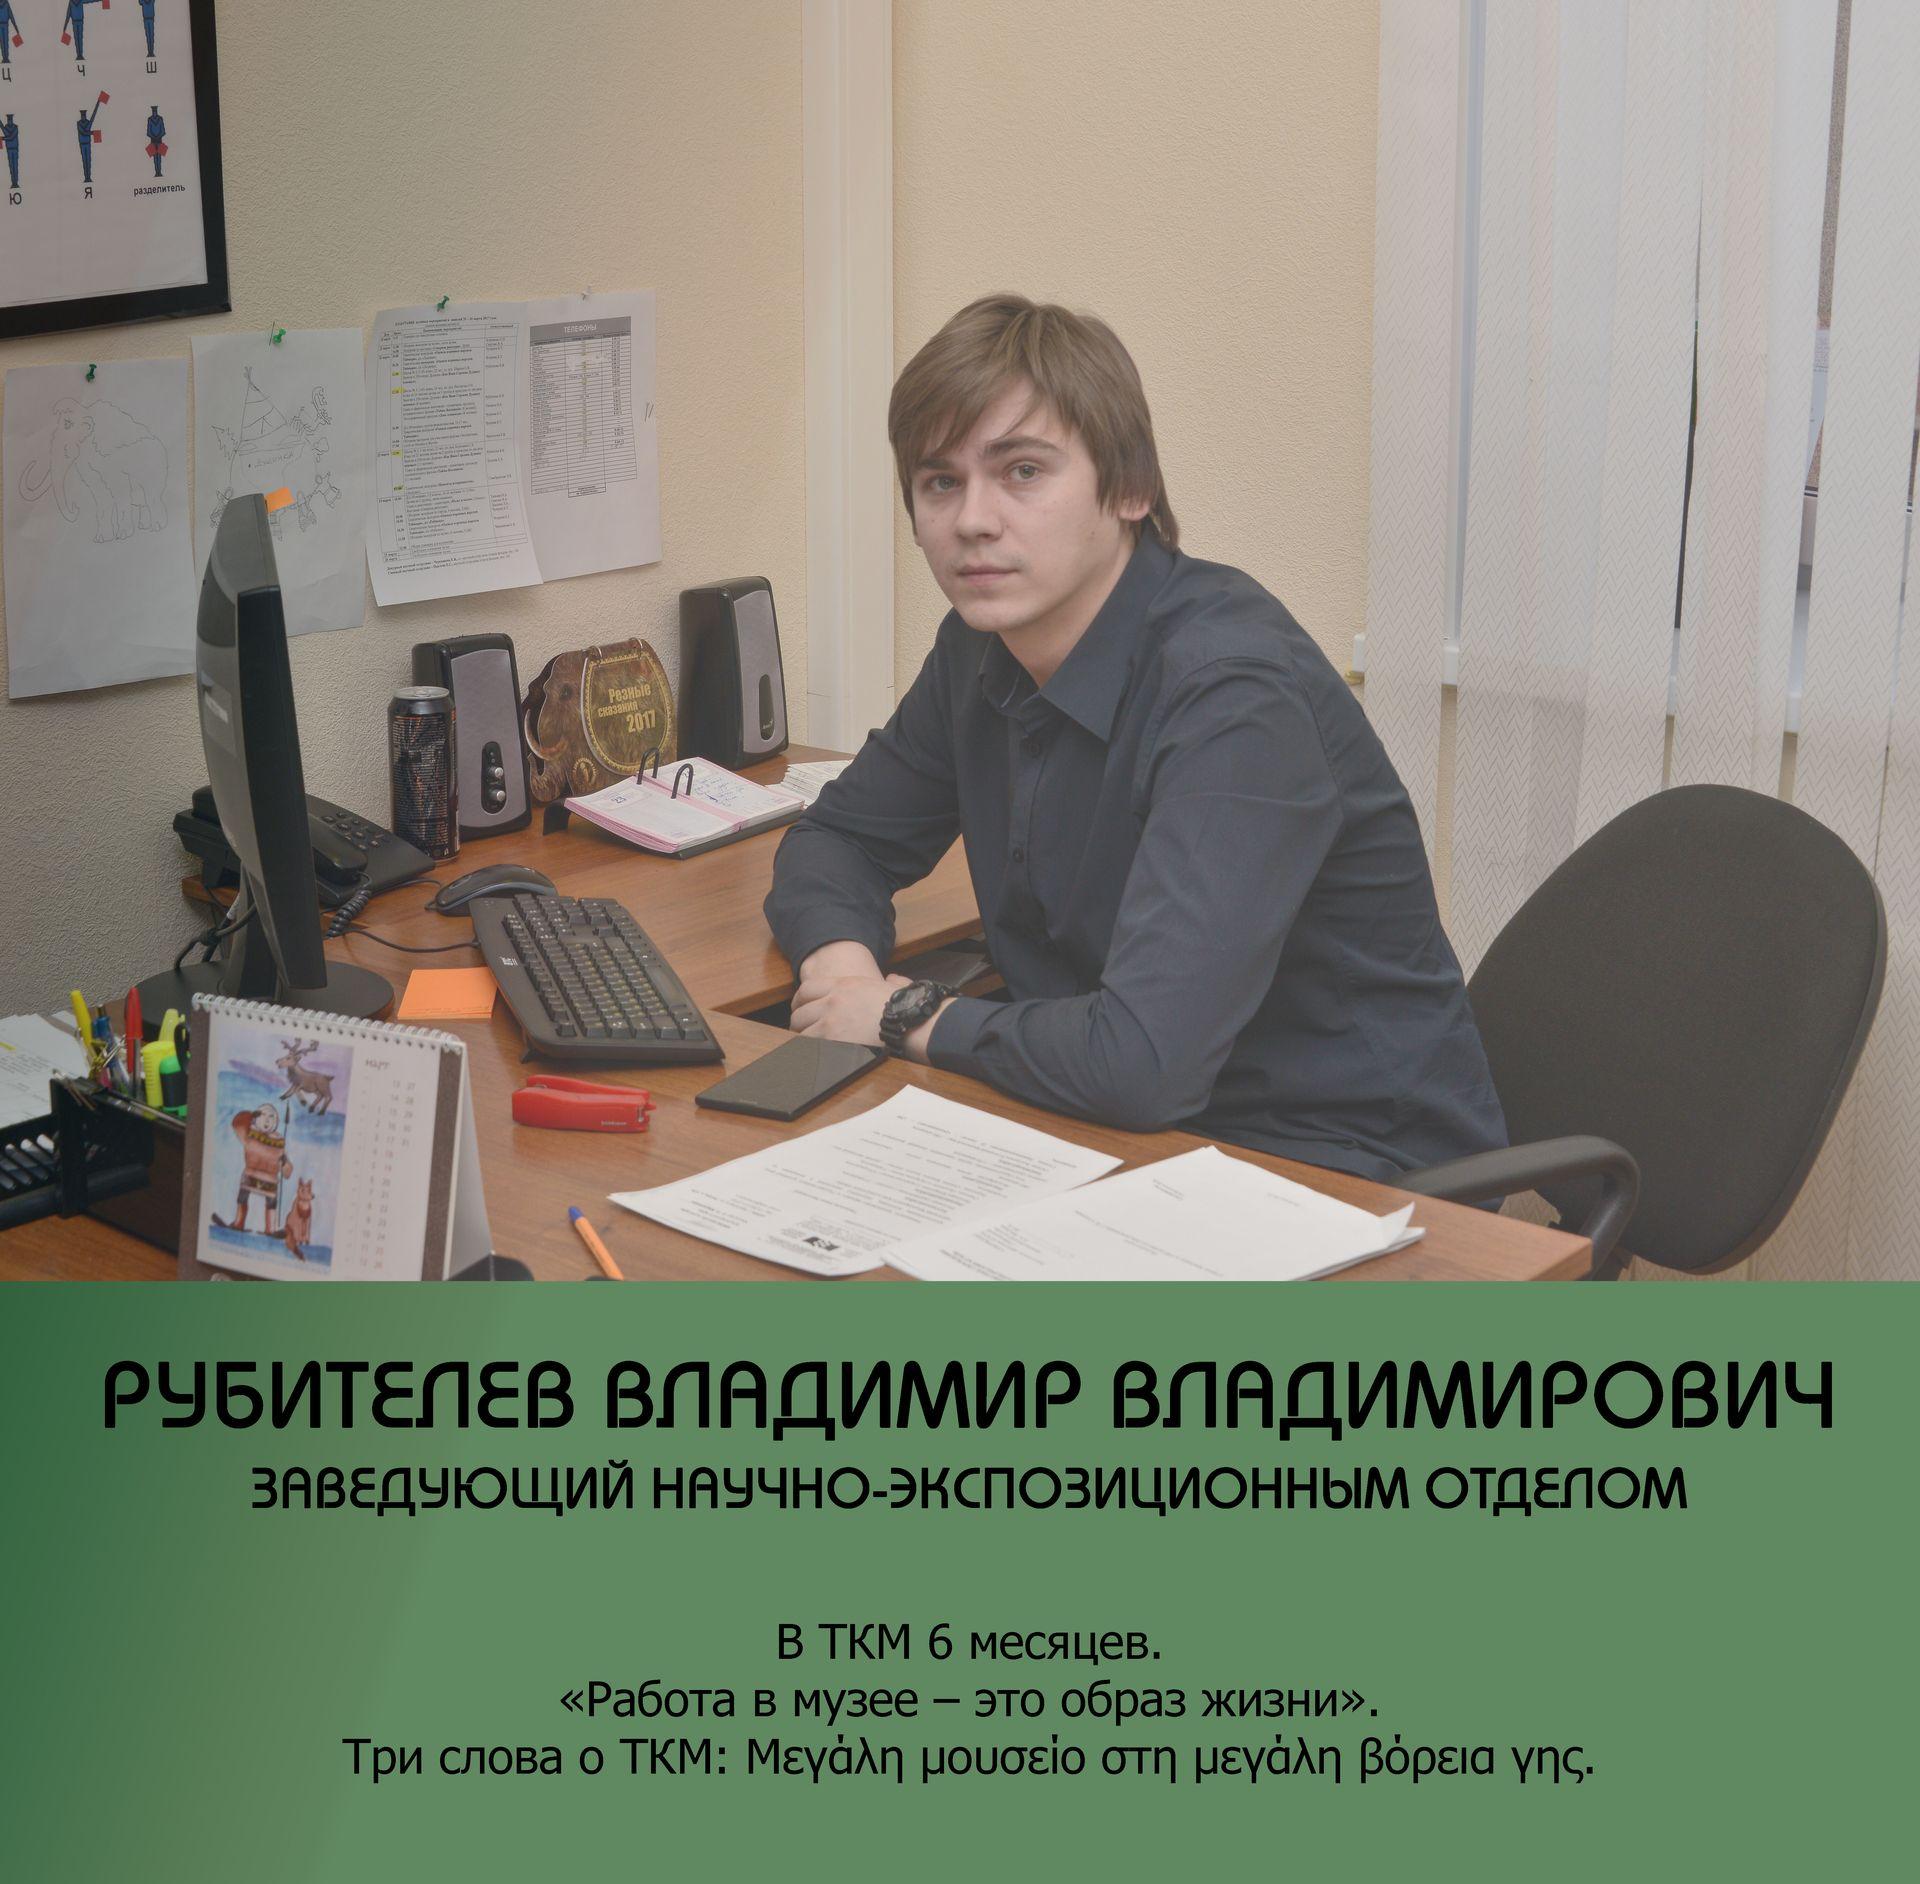 rubitelev